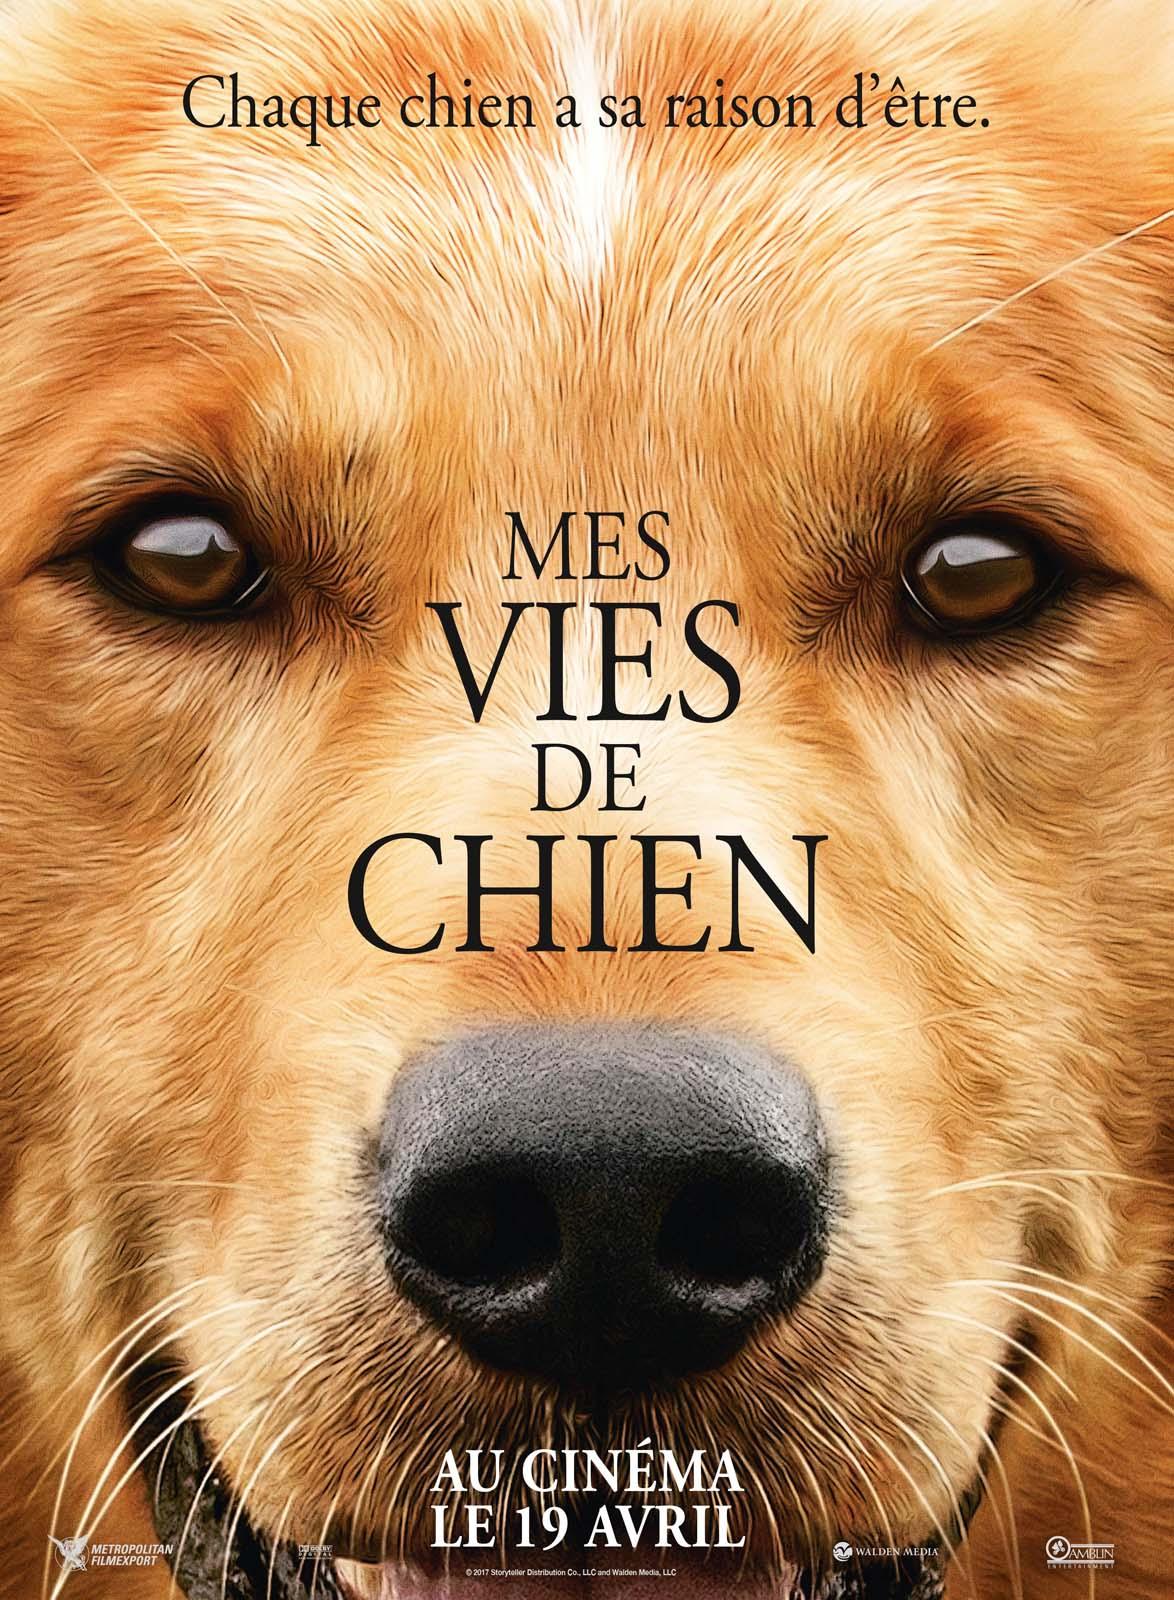 Mes vies de chien - film 2017 - AlloCiné